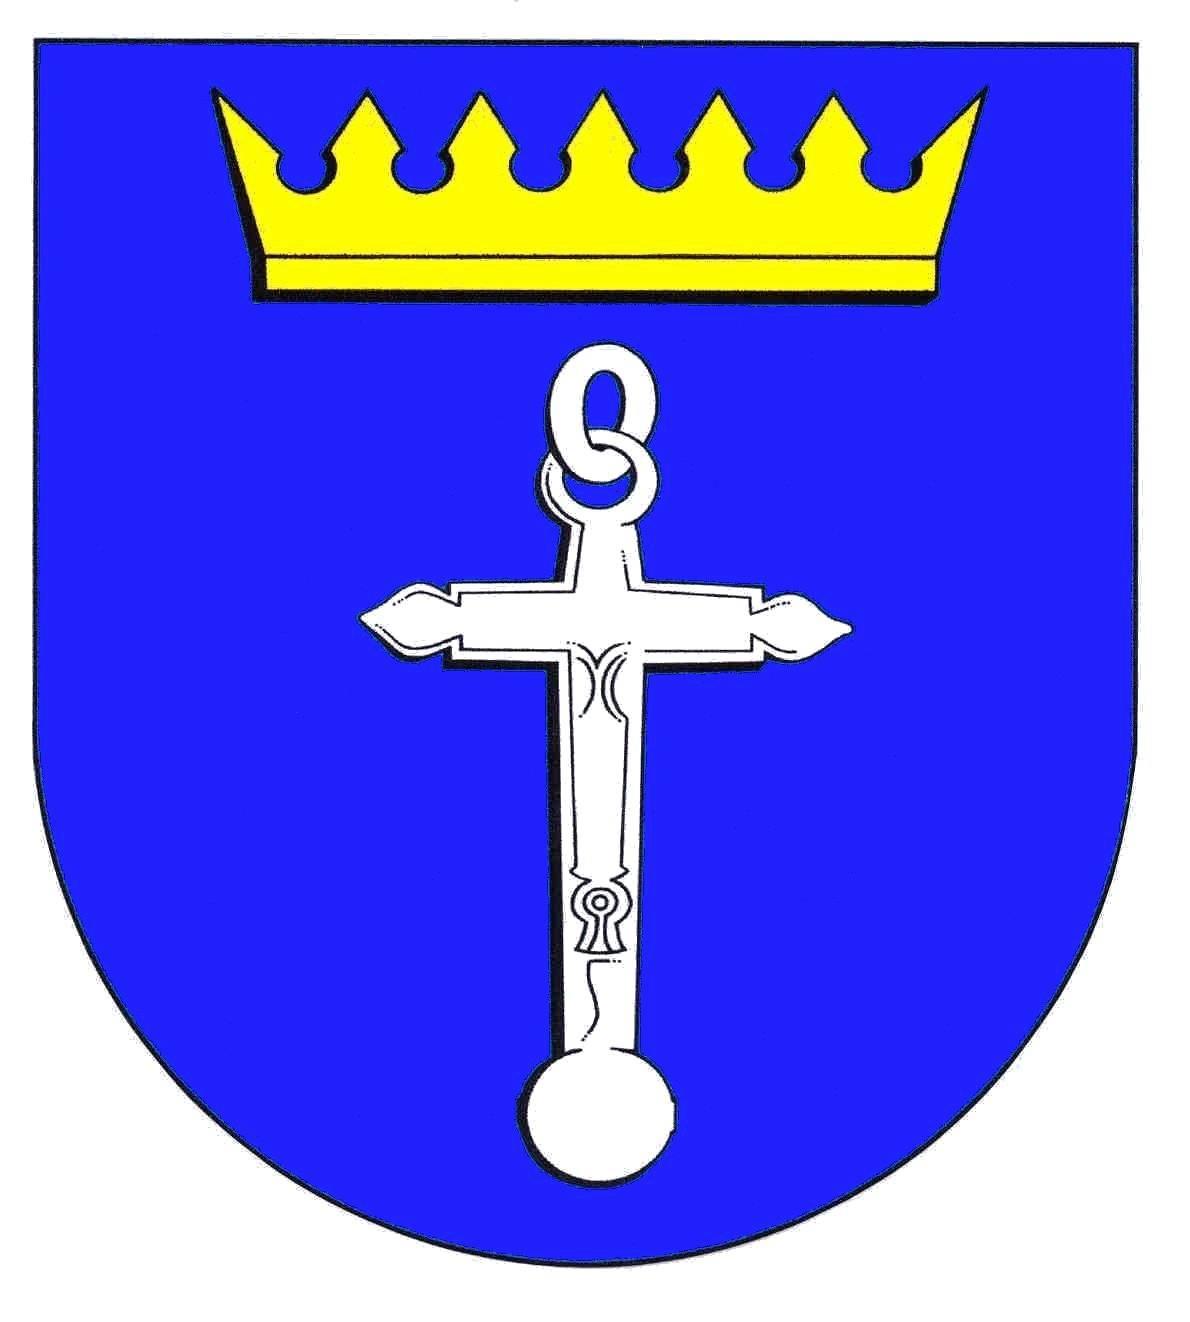 Wappen GemeindeKronsgaard, Kreis Schleswig-Flensburg